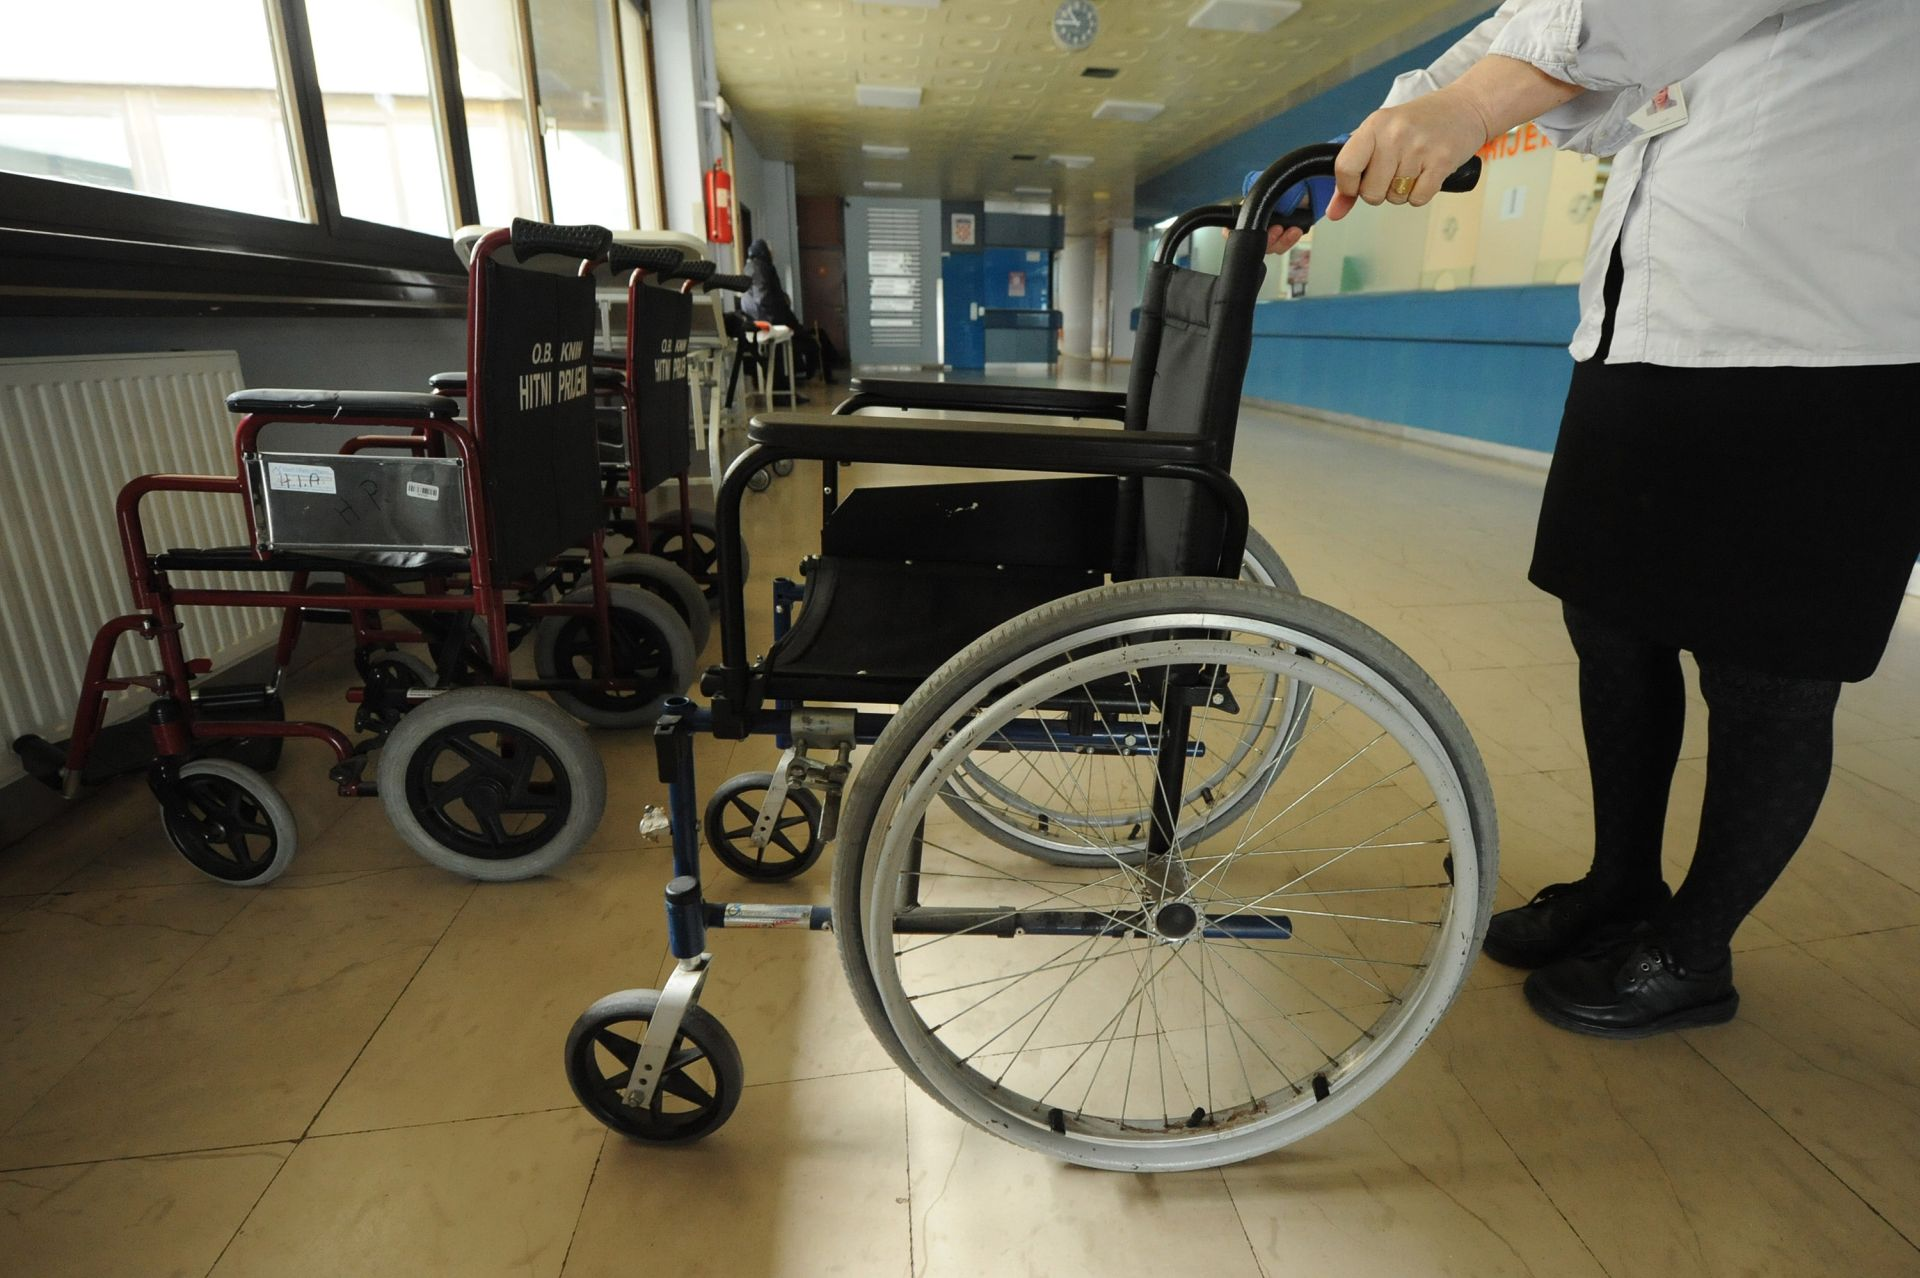 SLOVENIJA Zbog liječničke greške bolnica isplatila skoro 900 tisuća eura